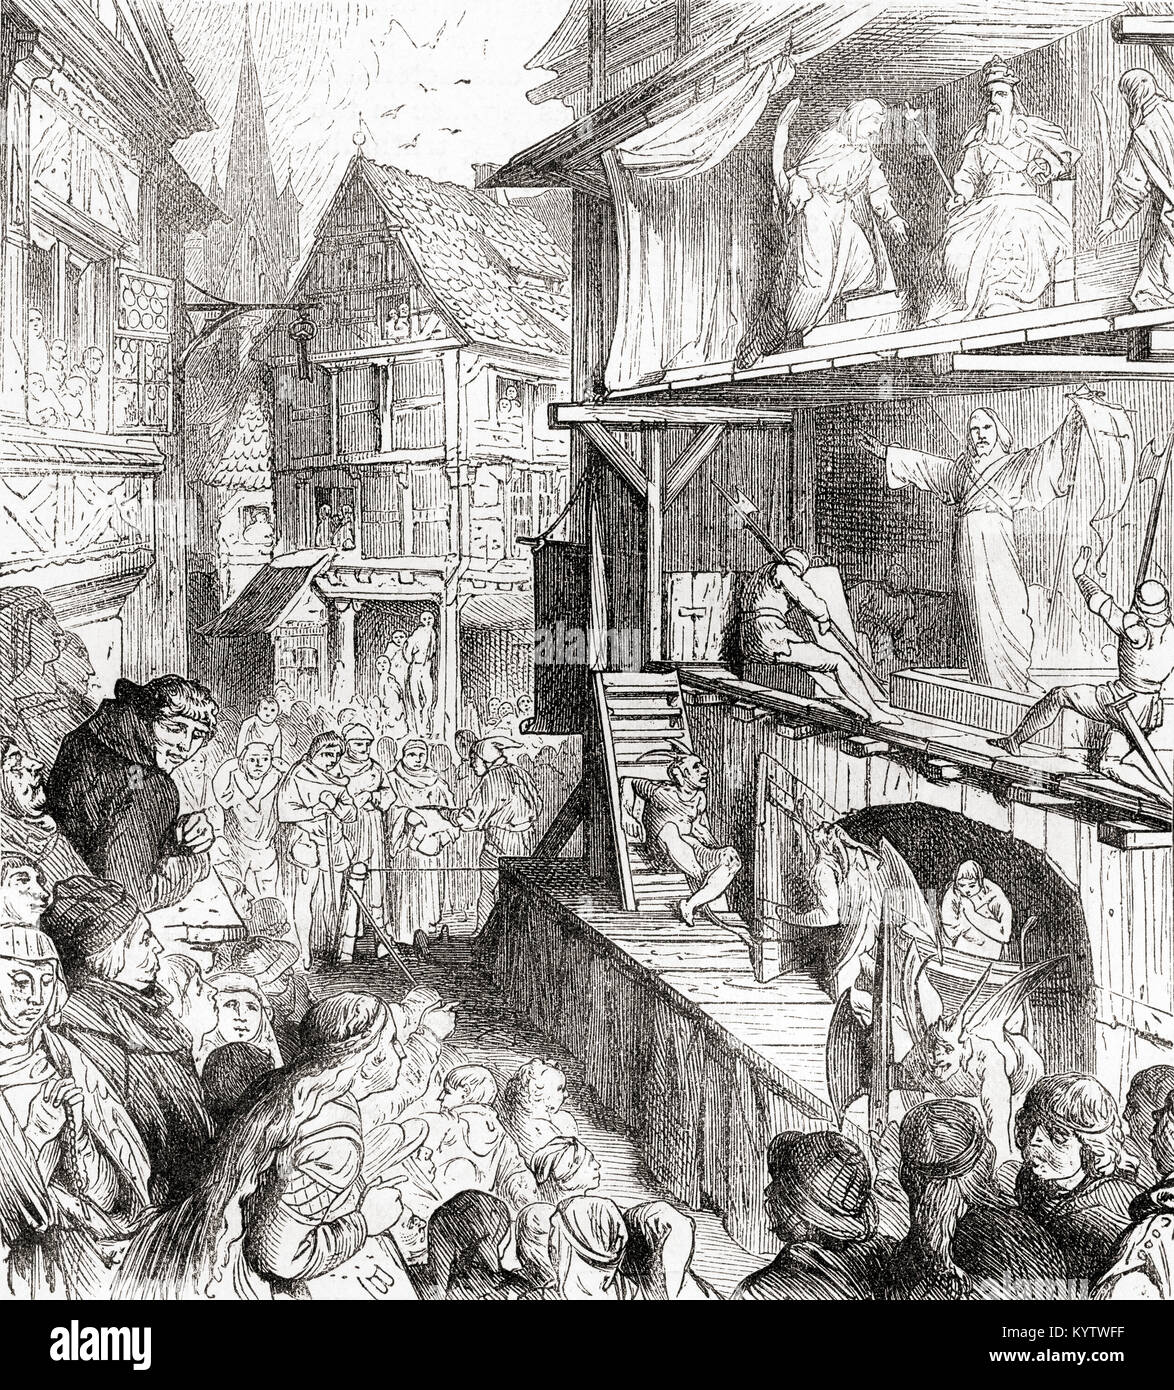 Ein Passionsspiel, einem mittelalterlichen Drama. Von Station und Lock's illustrierte Geschichte der Welt, veröffentlicht Stockbild